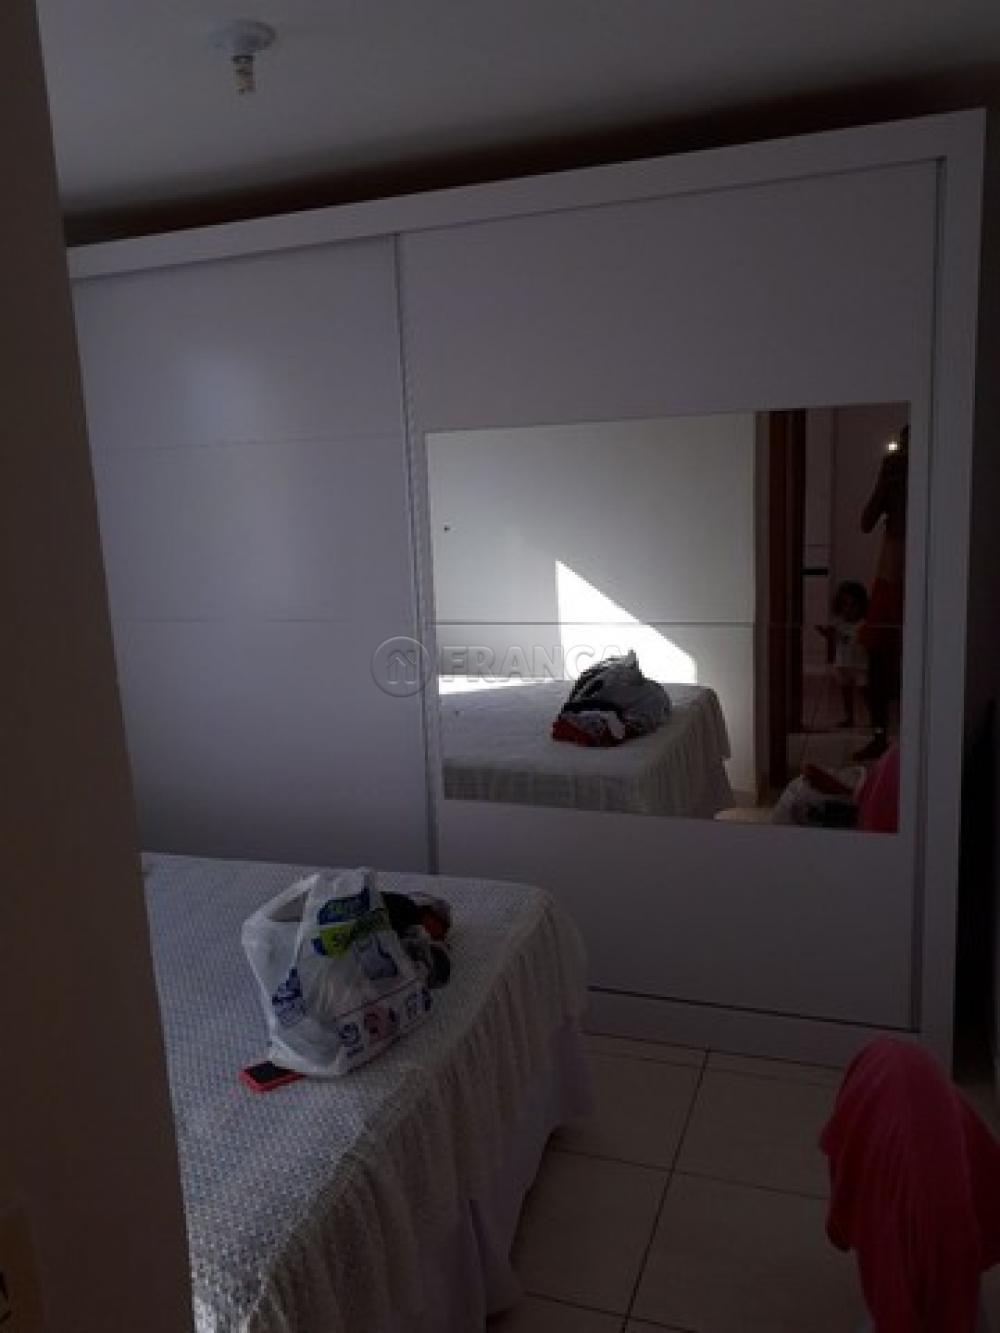 Comprar Apartamento / Padrão em Jacareí R$ 180.000,00 - Foto 4